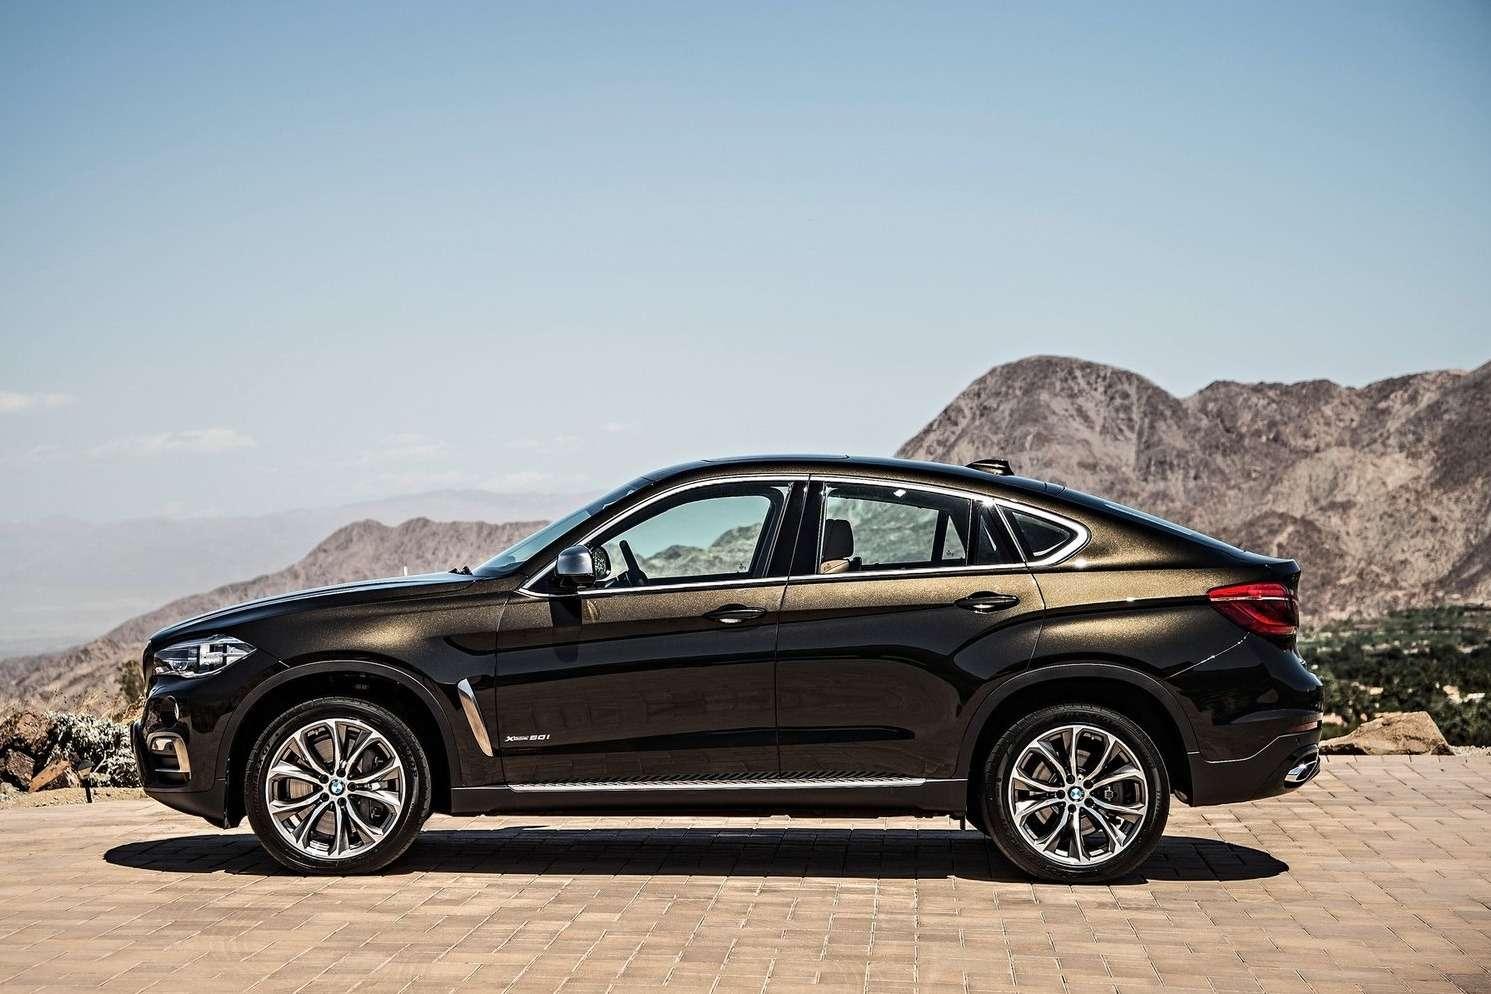 BMW-X6_2015_1600x1200_wallpaper_19